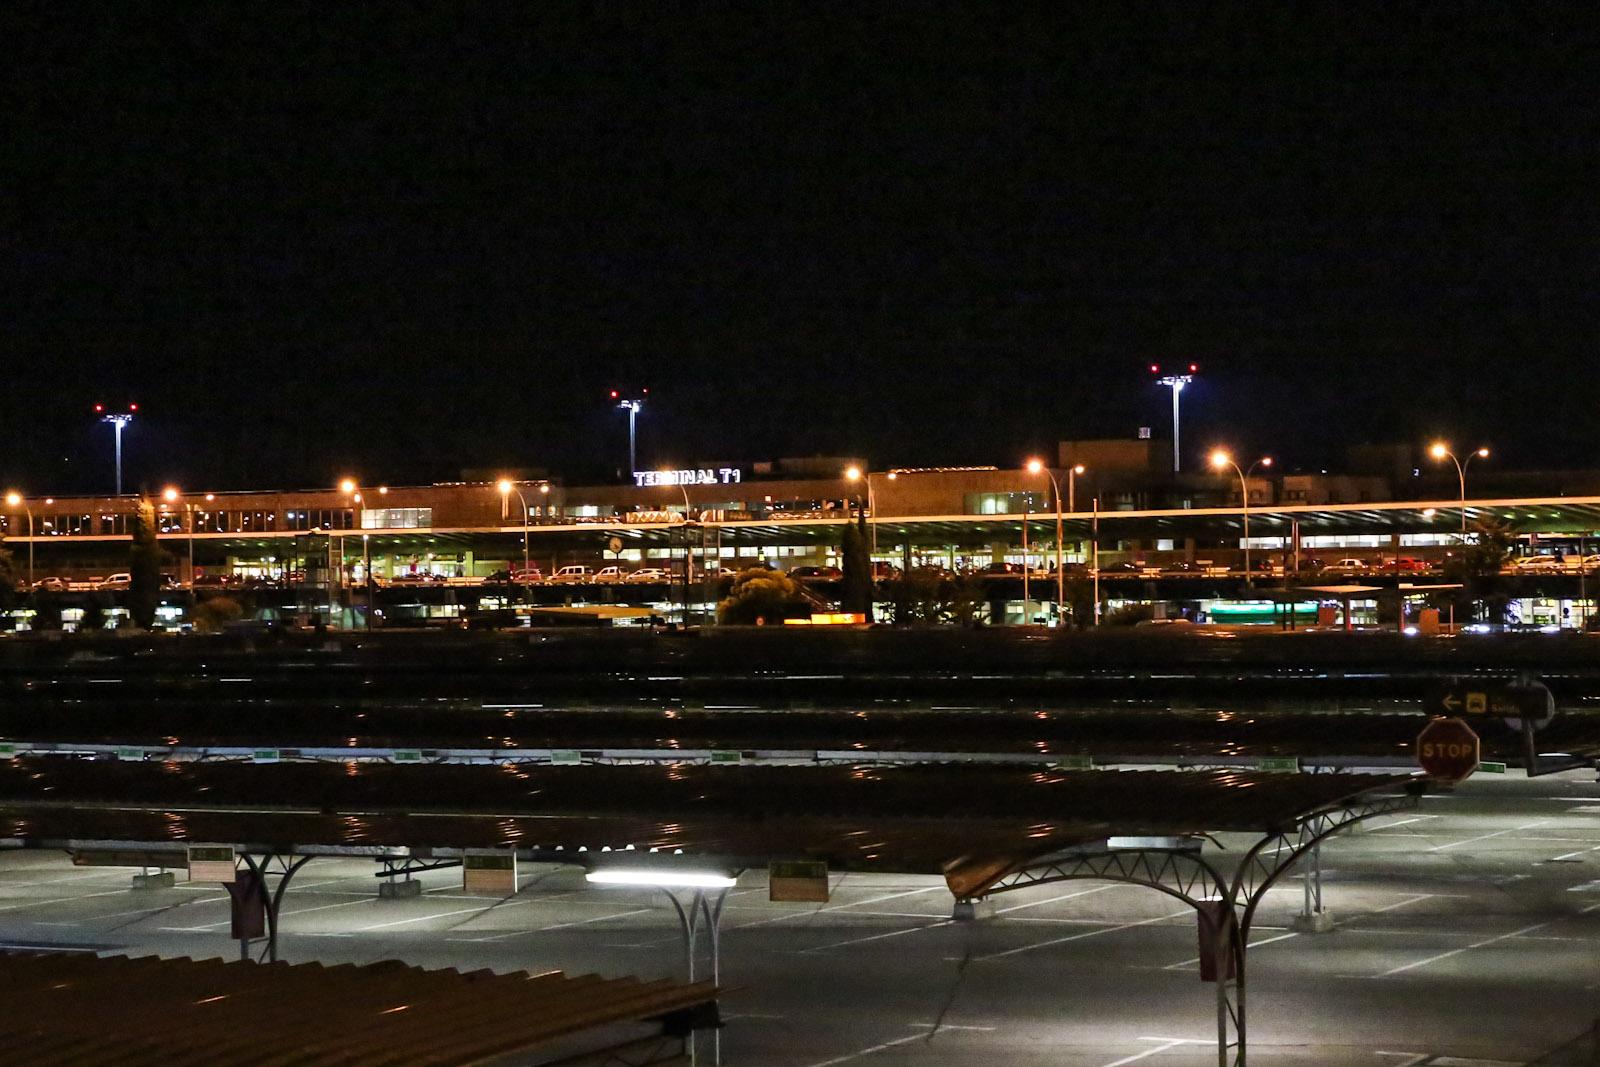 Терминал Т1 аэропорта Мадрид Барахас